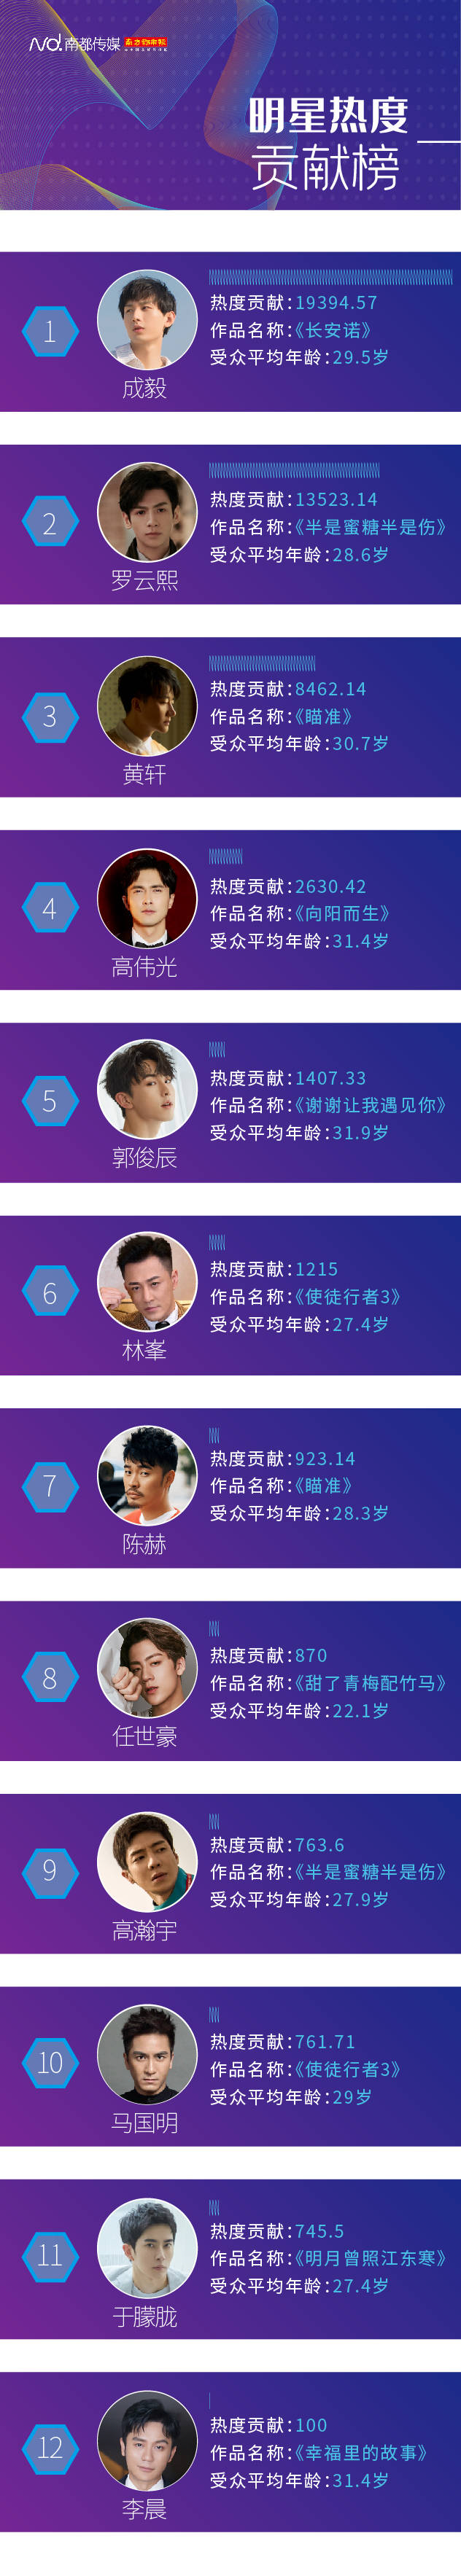 """30+魅力哥哥""""冲击""""十月荧屏,成毅、罗云熙热度贡献最高"""